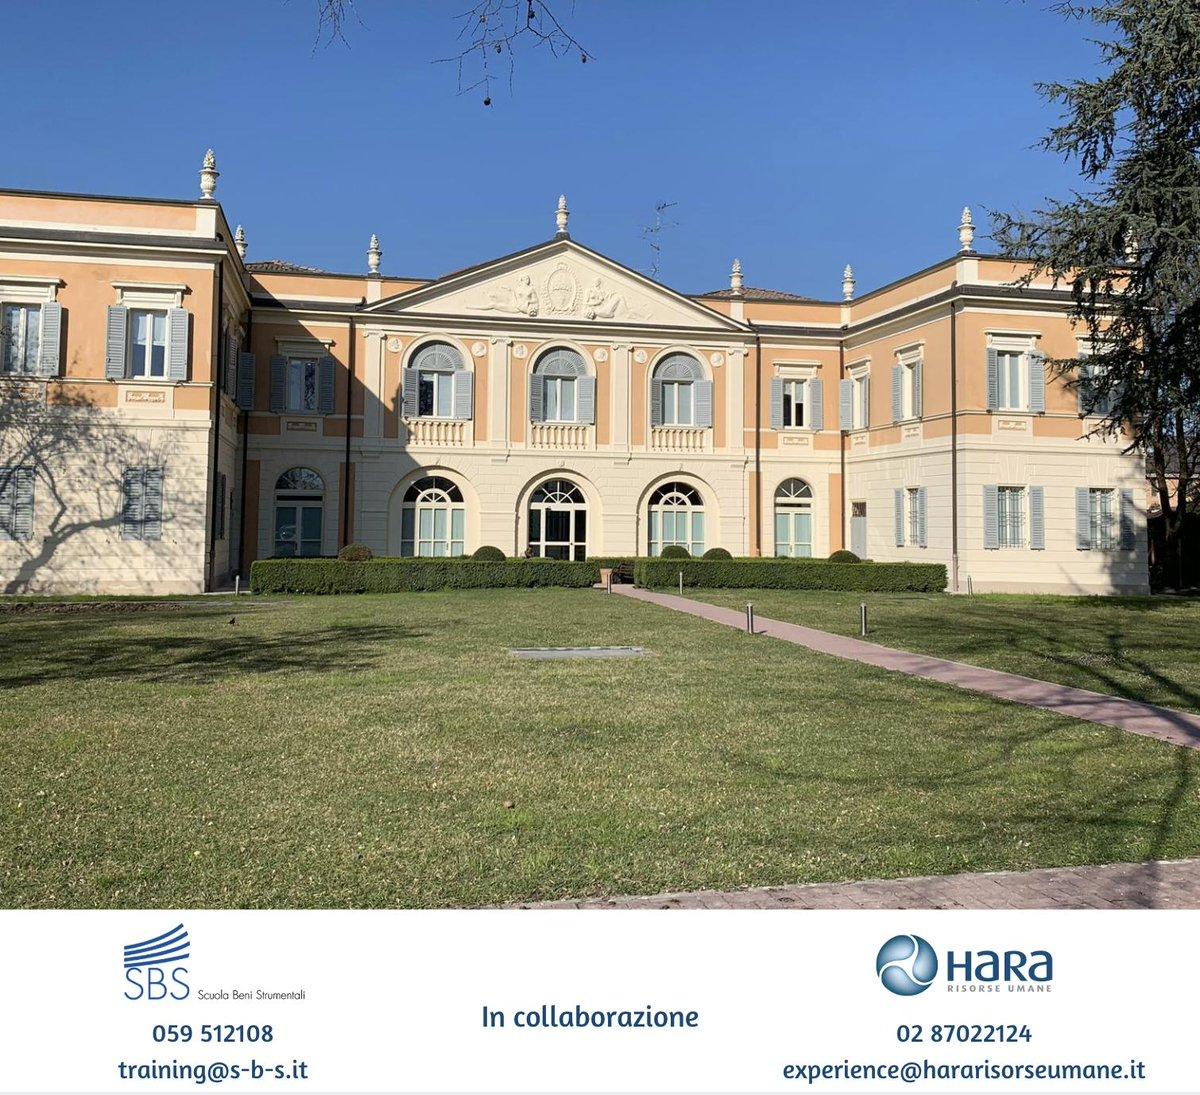 📍Oggi siamo a Baggiovara (MO) in SBS Scuola Beni Strumentali per il nostro #corso di #Strategia delle #Presentazioni e #Slide #Design.  Vieni a scoprire i corsi in programma ➡️ https://t.co/aAKBQS1Qvl  #hararisorseumane #formazione #consulenza #selezione #italia #milano #modena